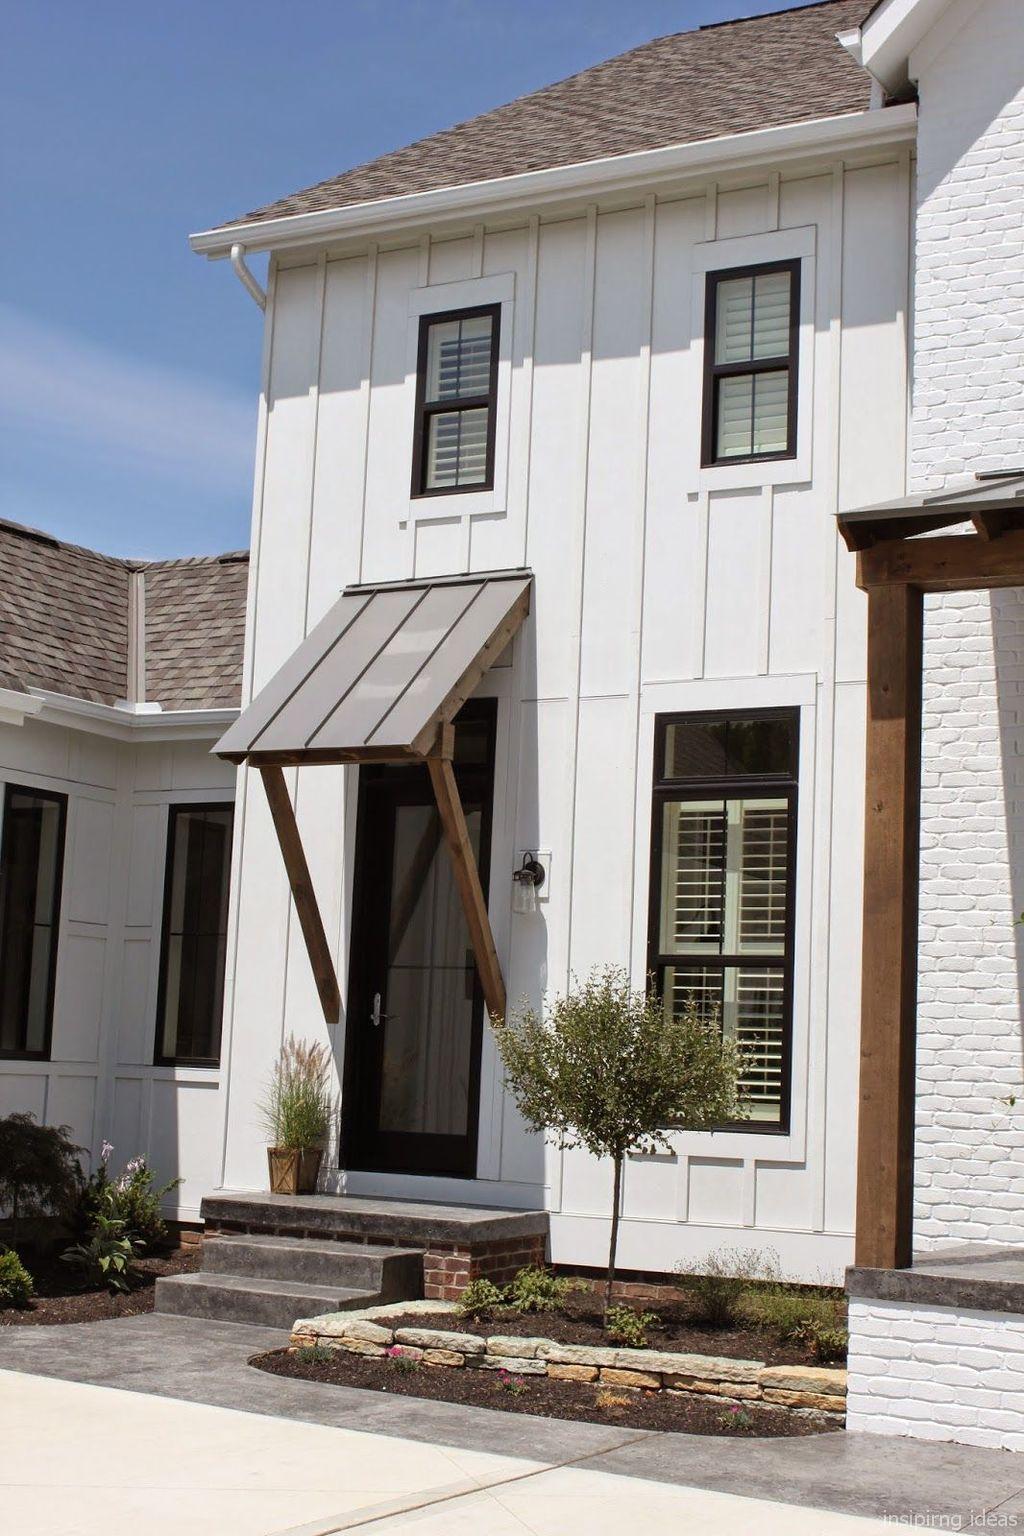 Exterior modern siding window design   modern window trim design ideas  interior and furniture designs